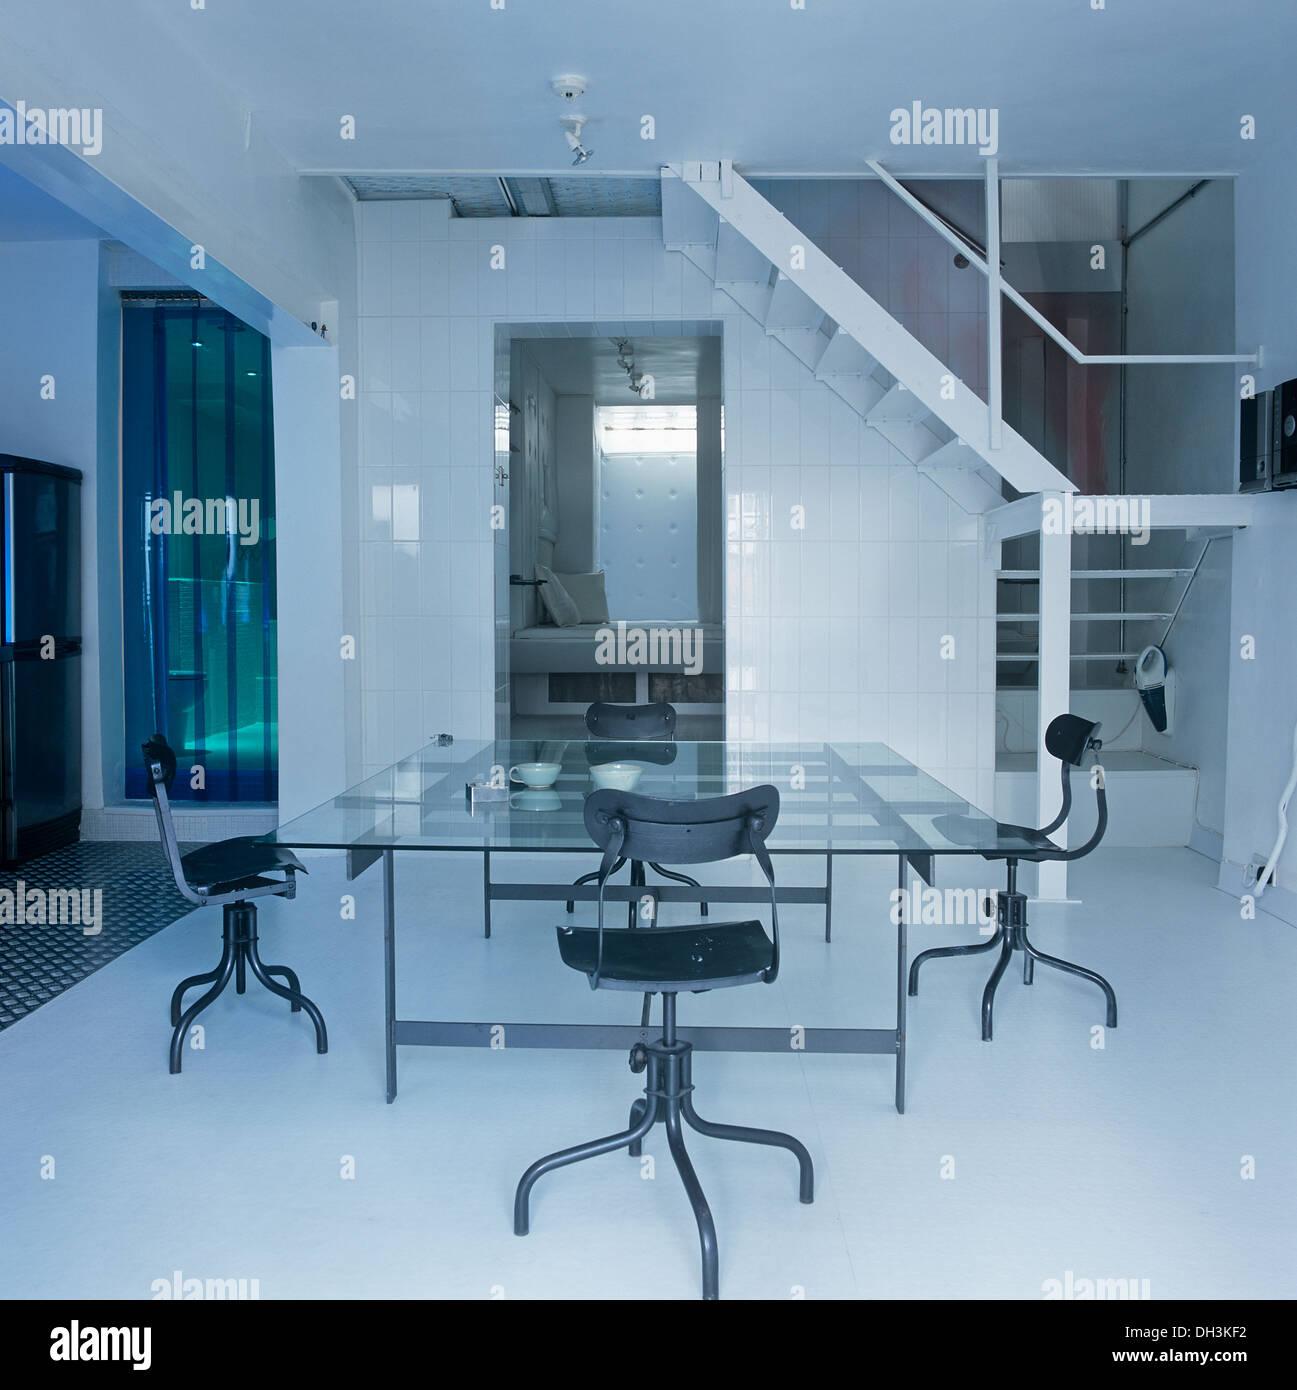 Chrom + Leder Stühle schwenken bei großen Glastisch in offene Halle ...